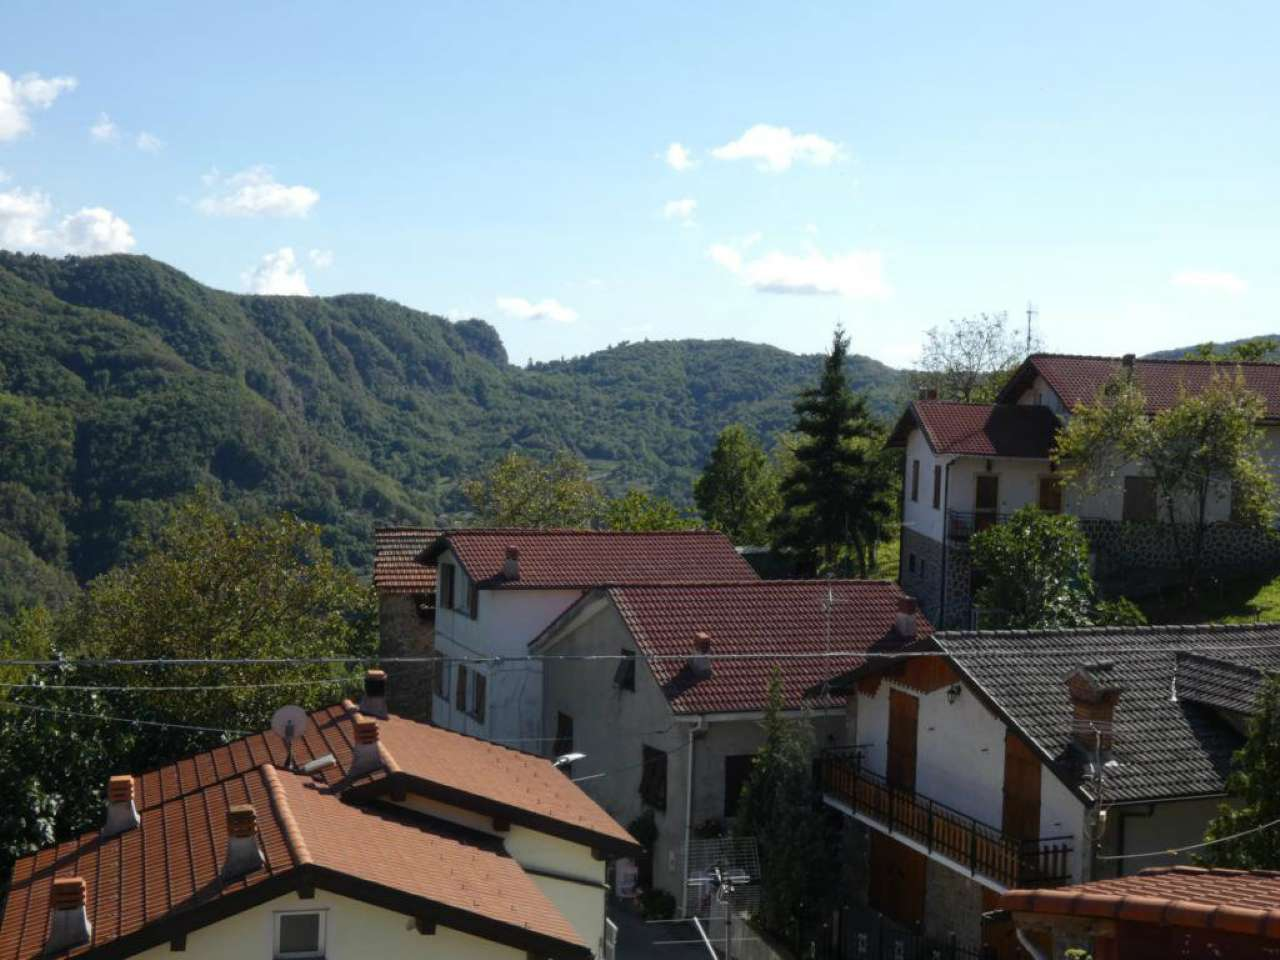 Appartamento in vendita a Ronco Scrivia, 5 locali, prezzo € 15.000 | CambioCasa.it